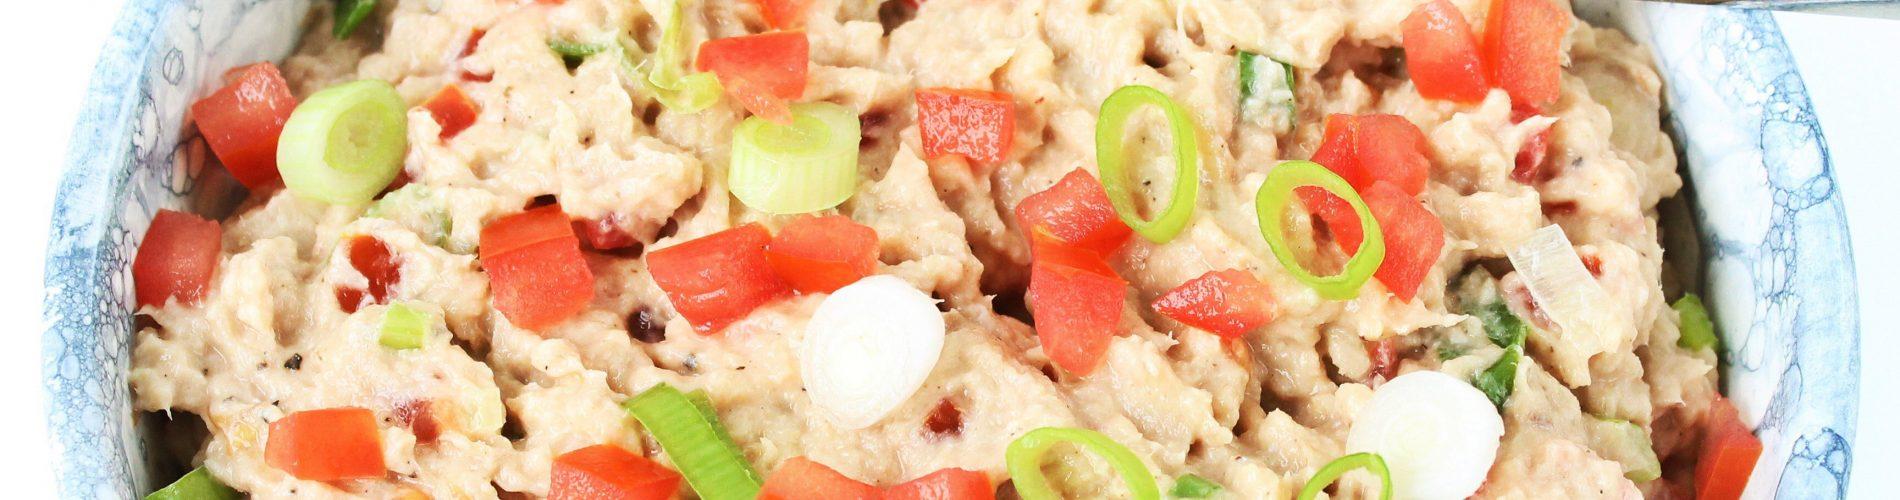 Makreelsalade voor op brood of toast